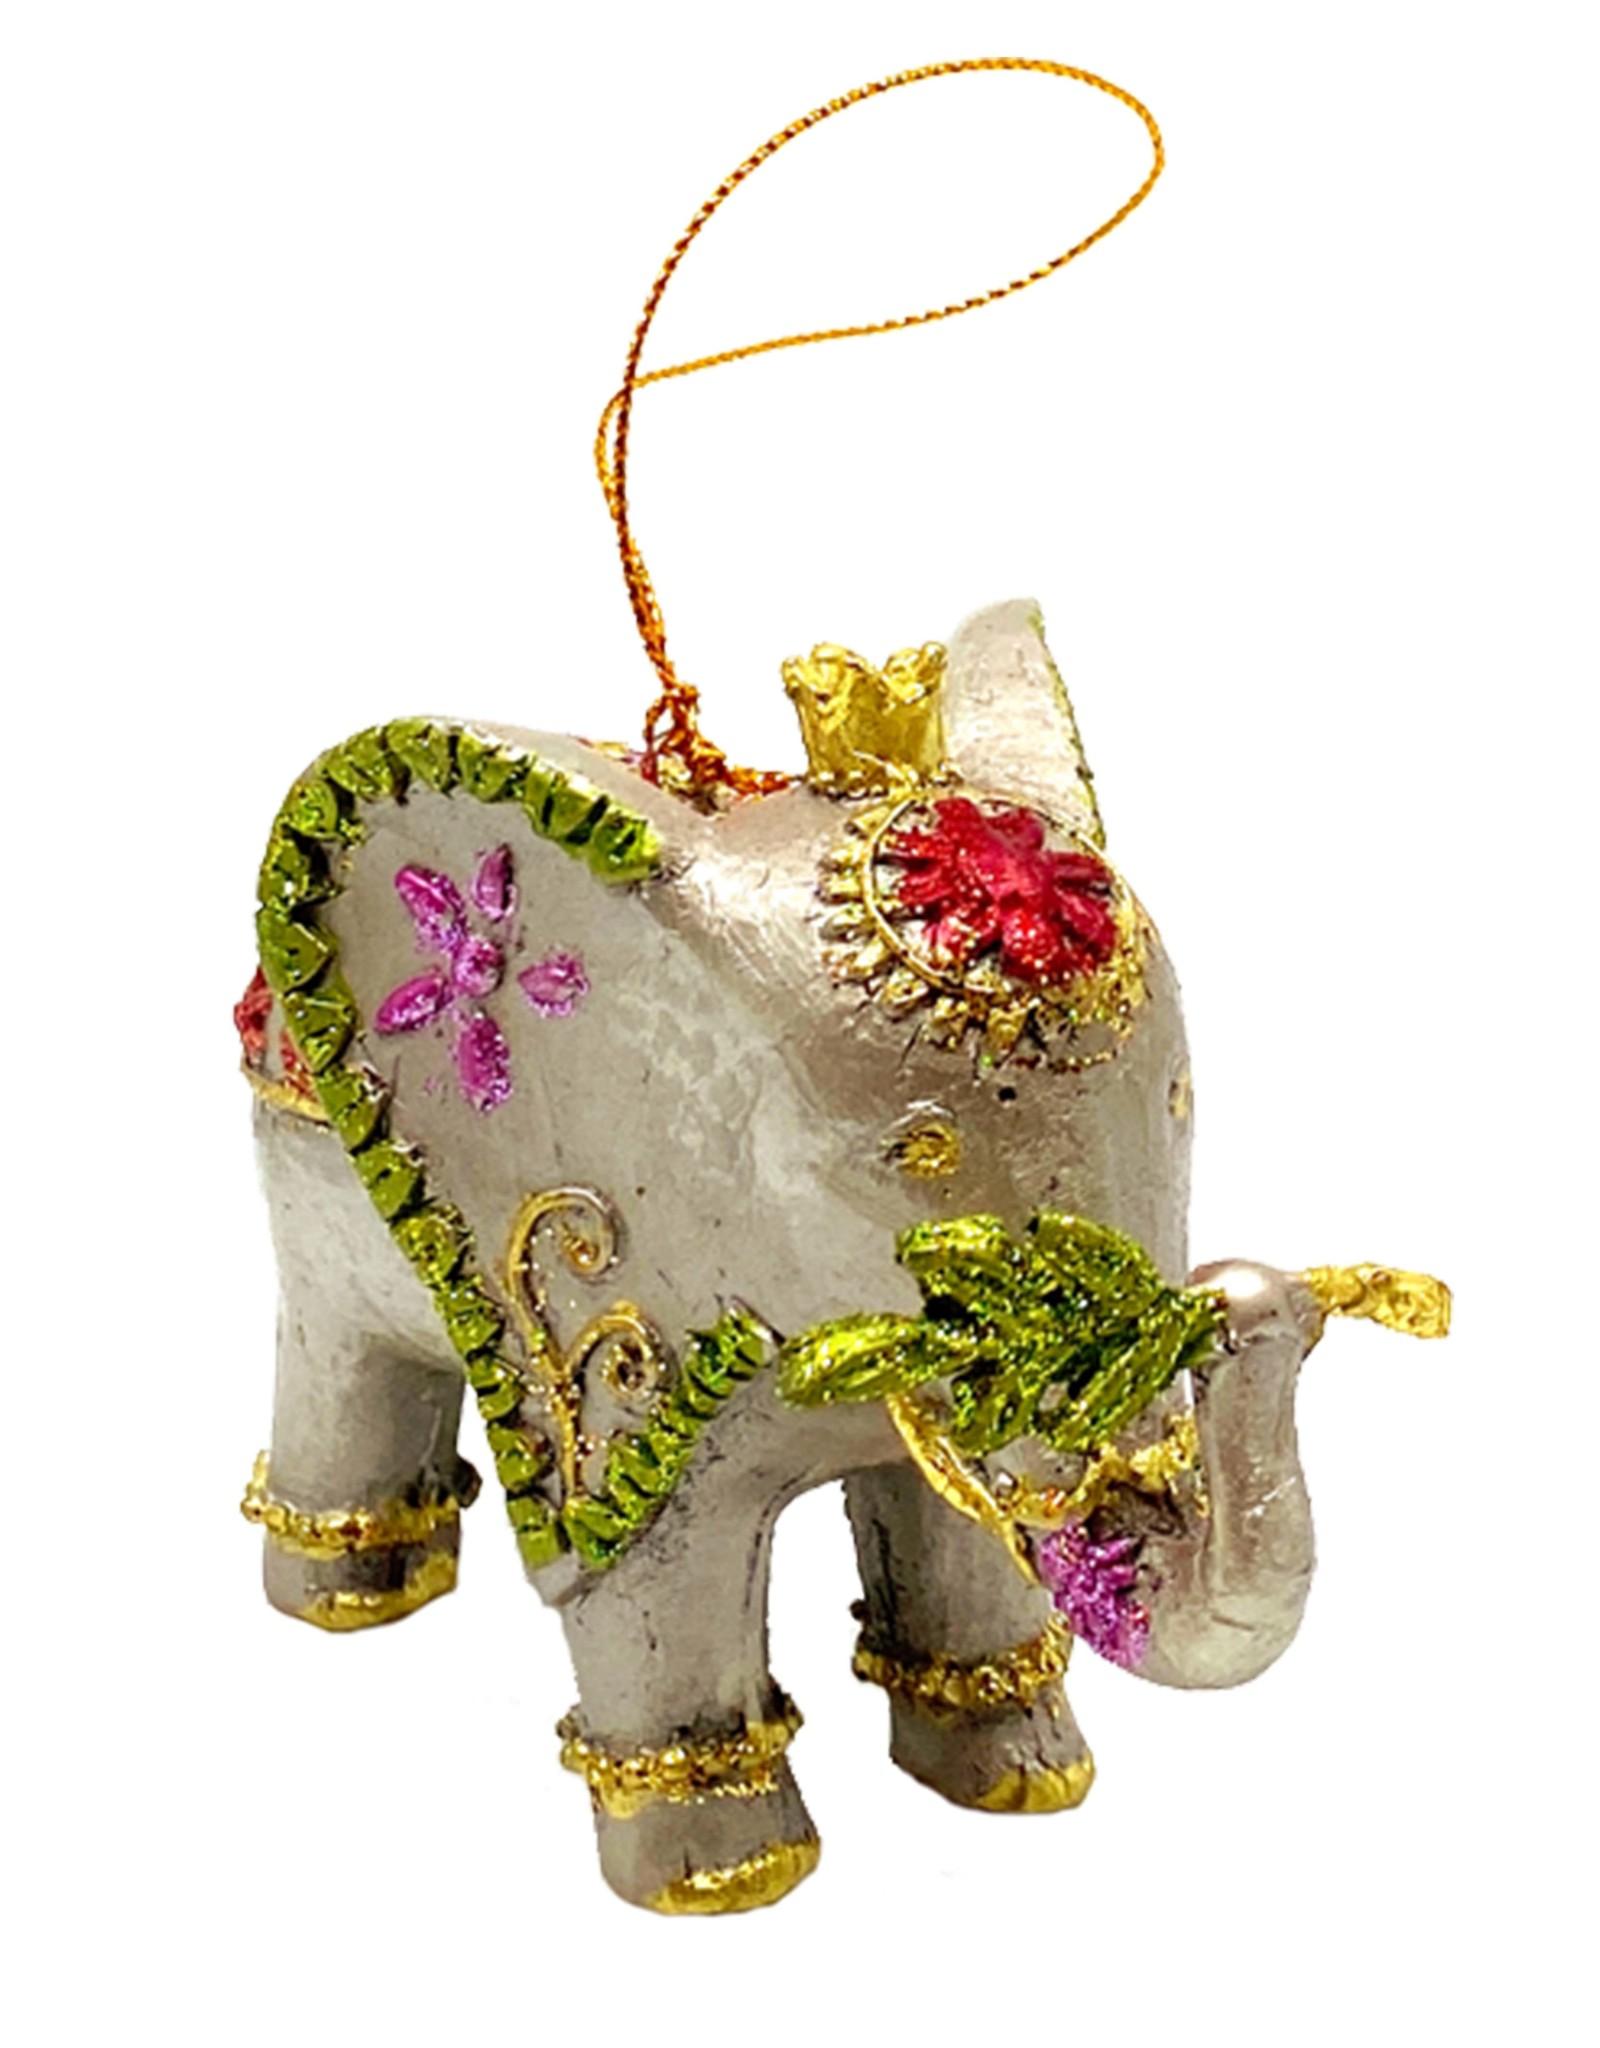 DEKORASYON NOAH ELEPHANT ORNAMENT